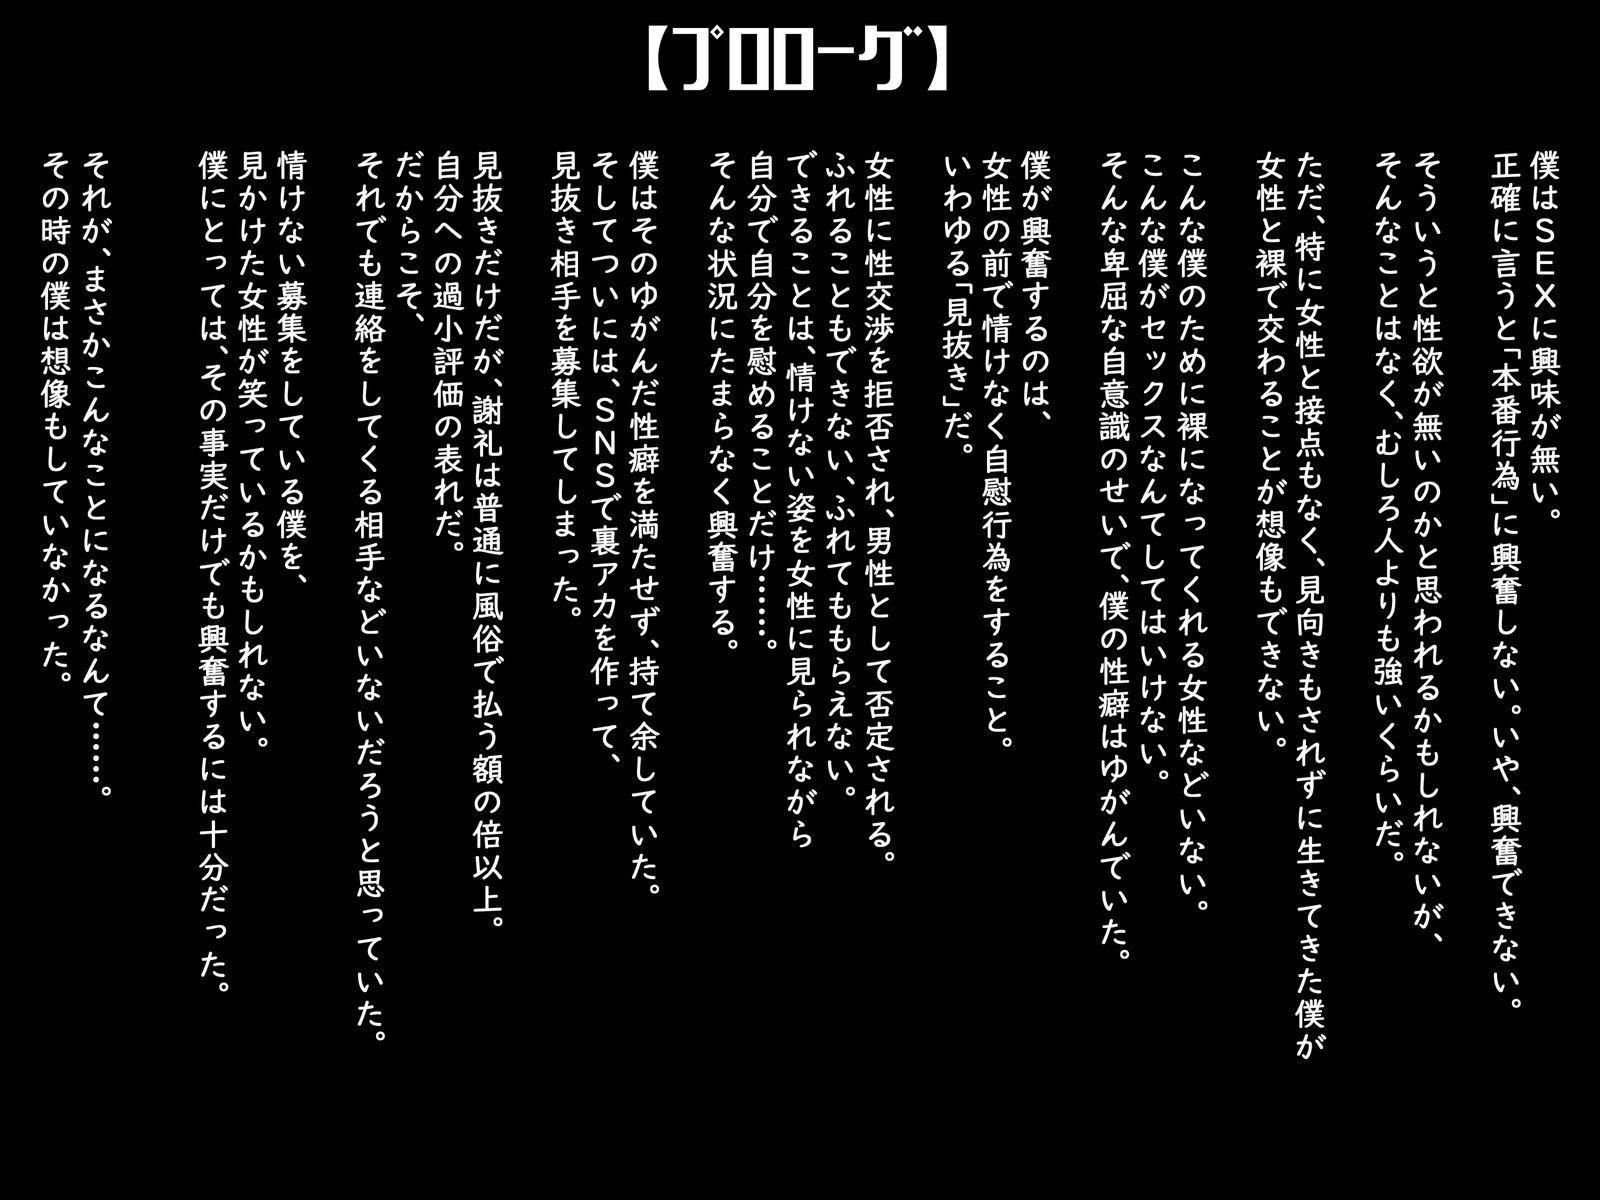 ぶっかけ見抜きガール〜水泳部JK編〜